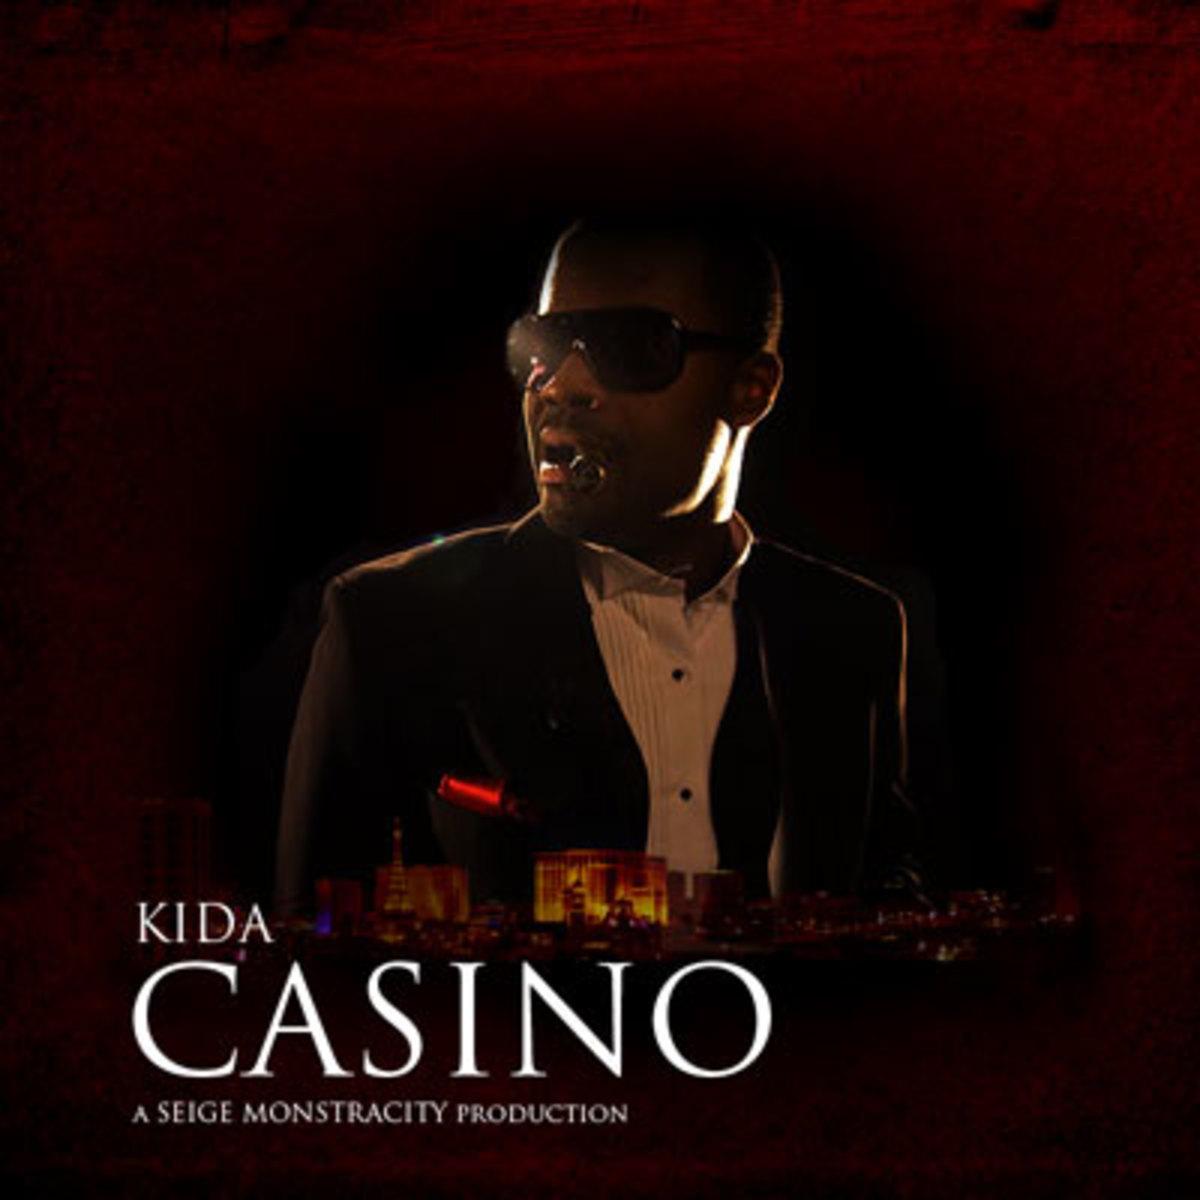 kida-casino.jpg